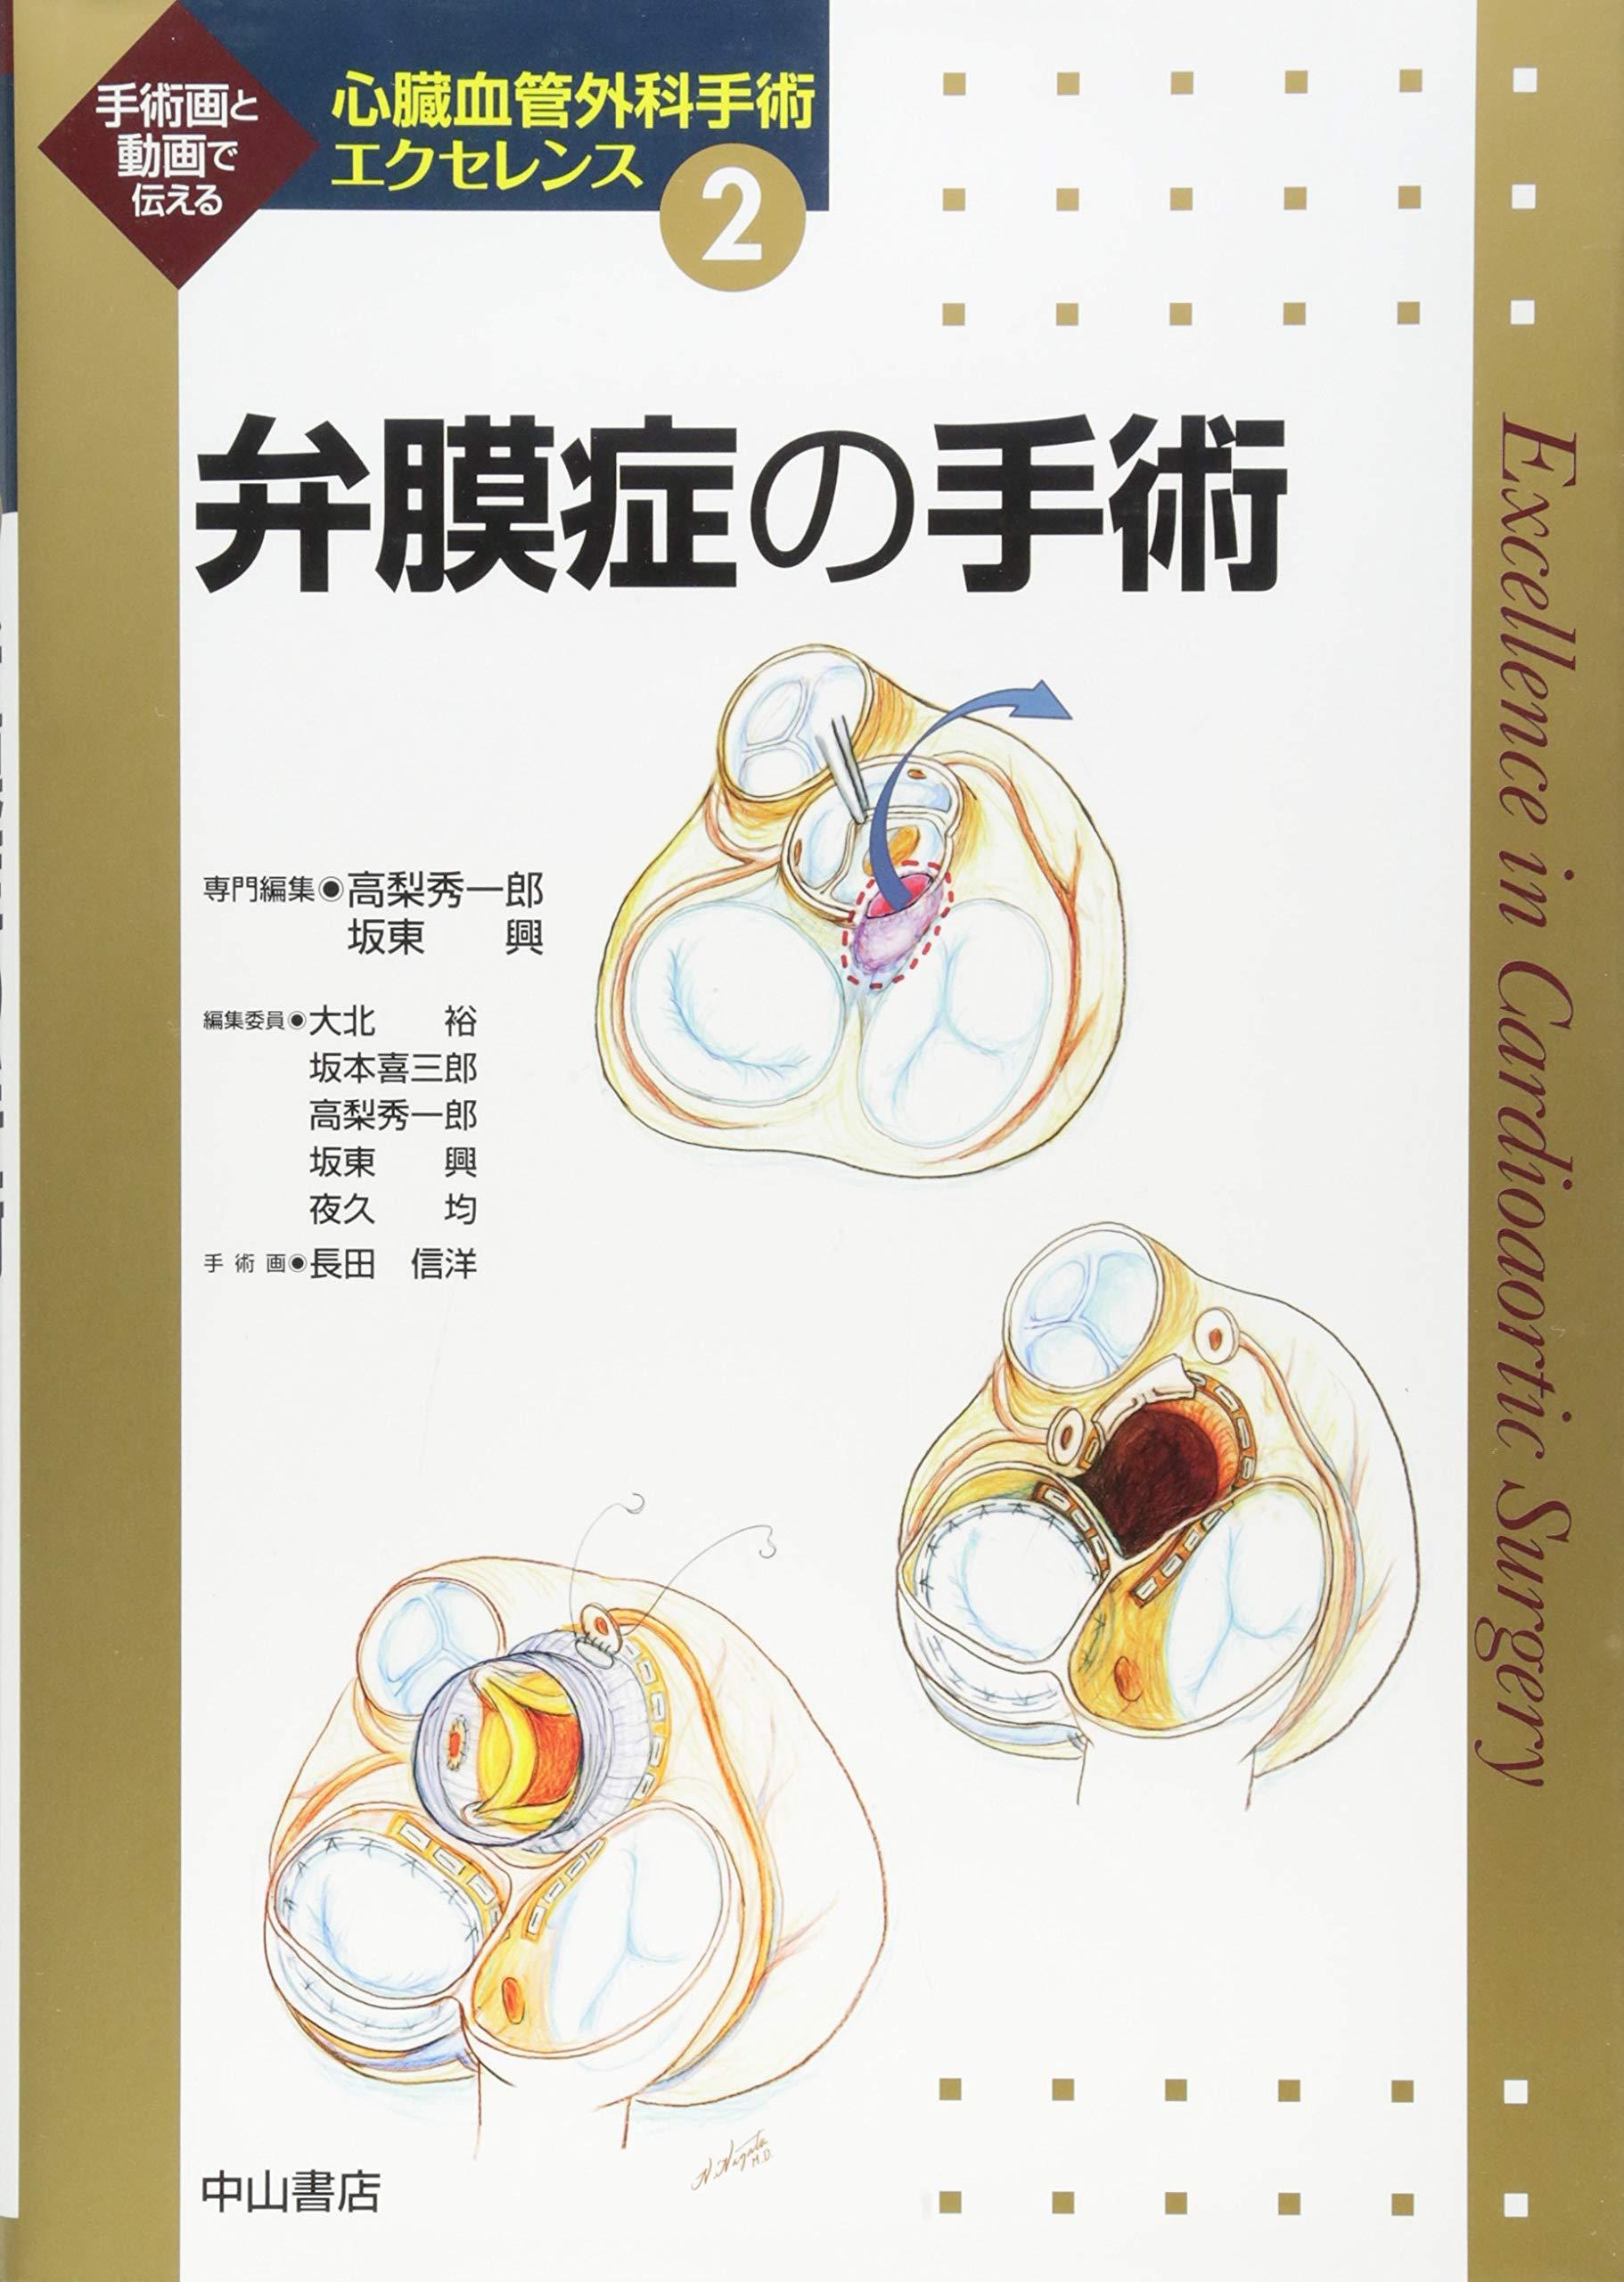 手術 症 心臓 弁膜